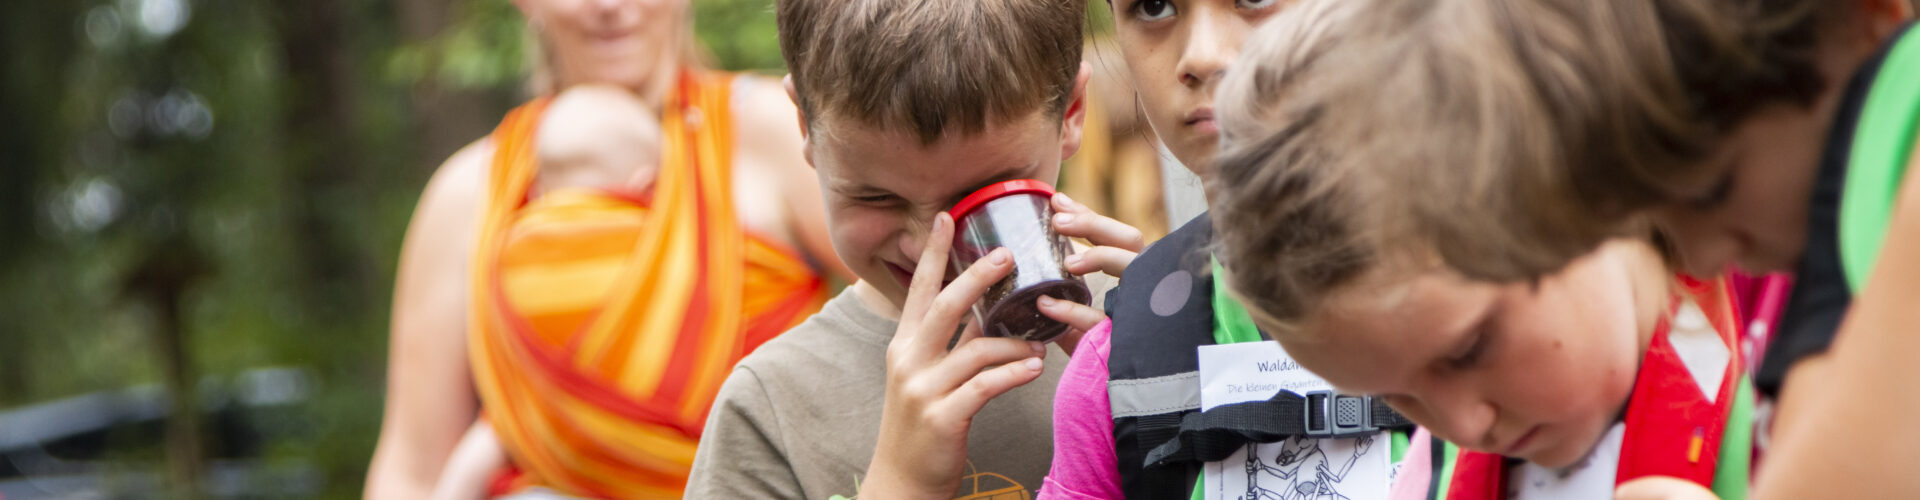 Junge Naturwächter auf Expedition. Sie hören einer Naturschutzexpertin zu, ein Kind schaut in ein Becherglas